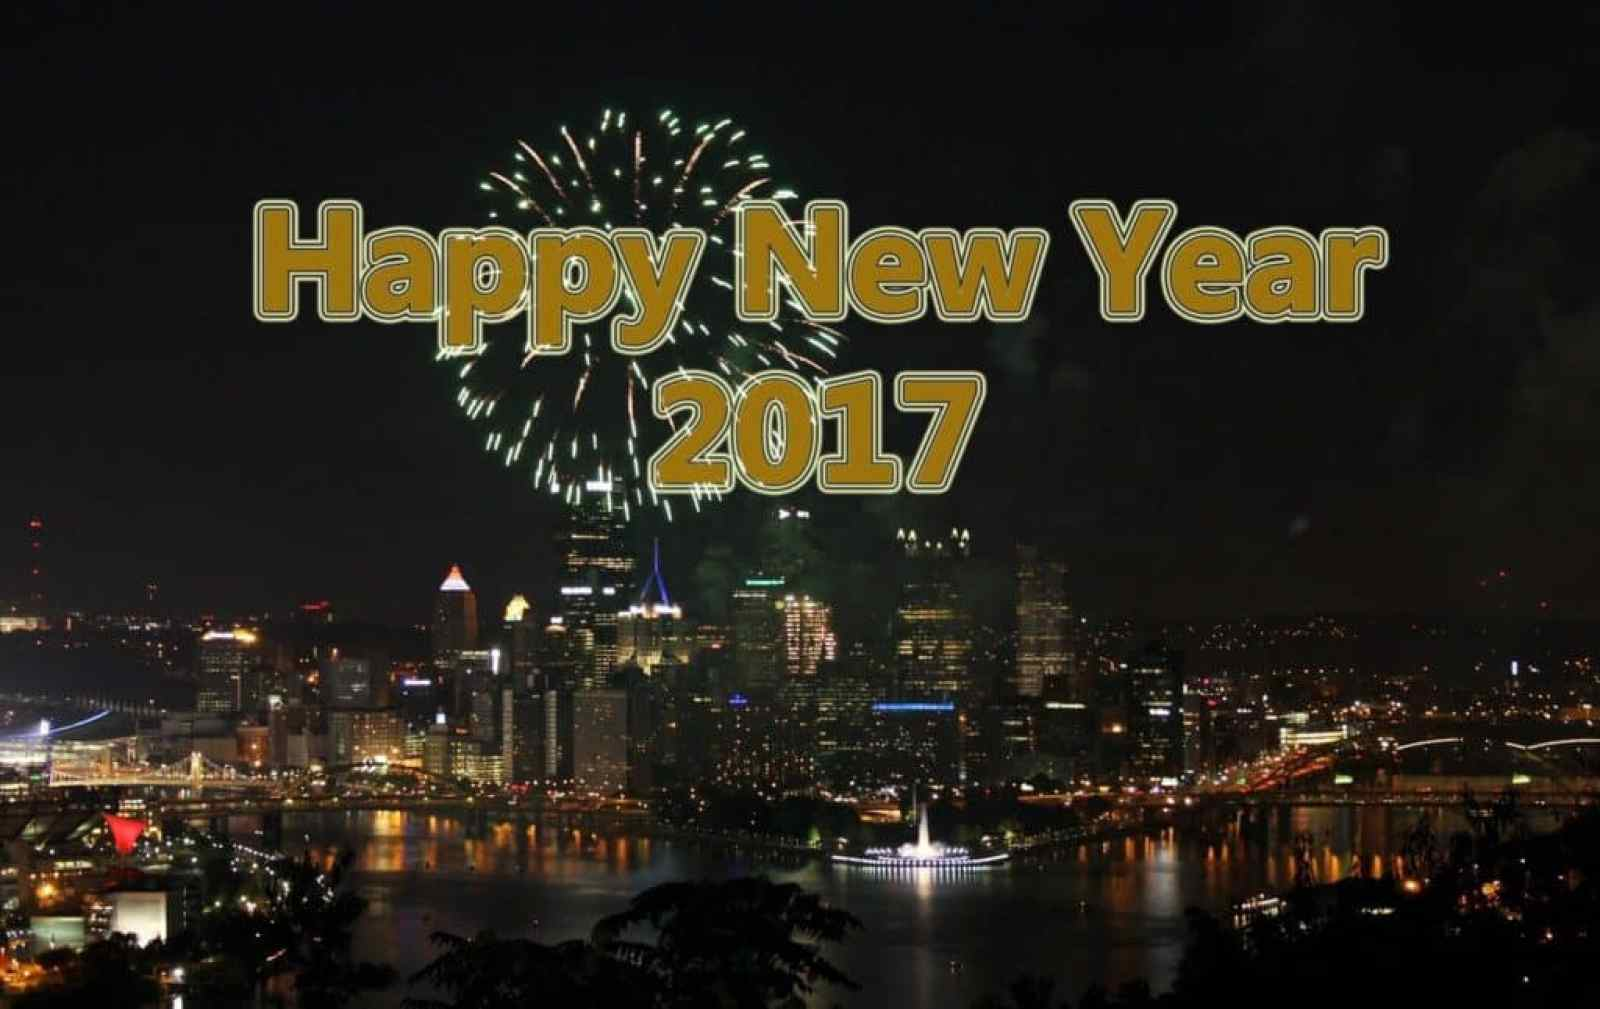 Happy New Year 2017 beautiful city